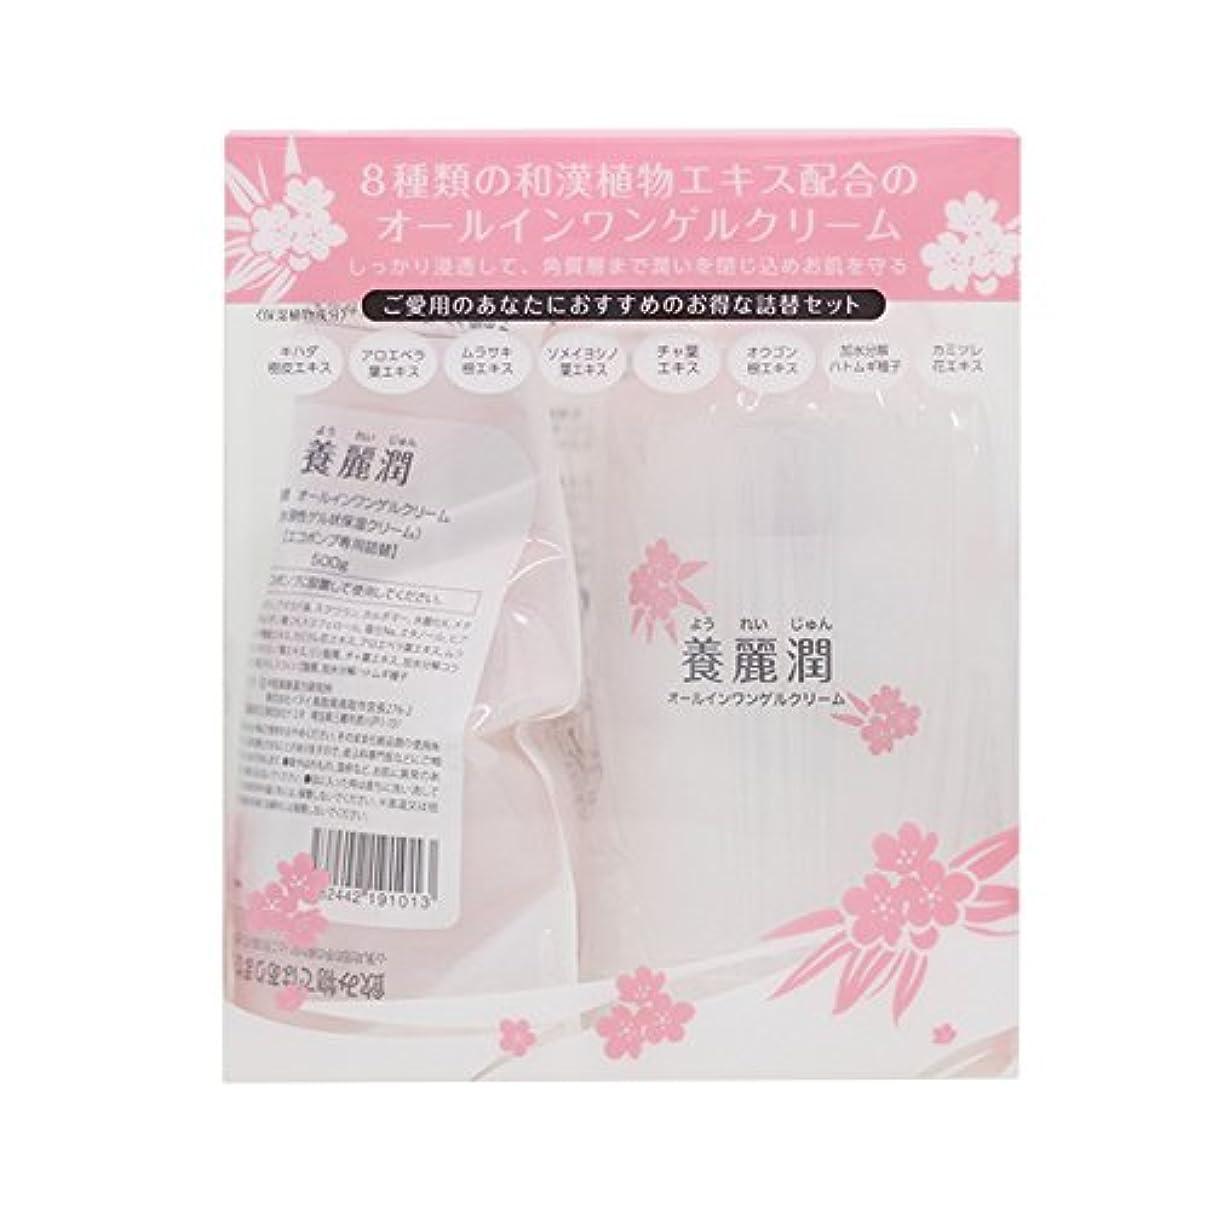 地震敬意信念養麗潤(ようれいじゅん) ポンプボトルと詰め替え用500g